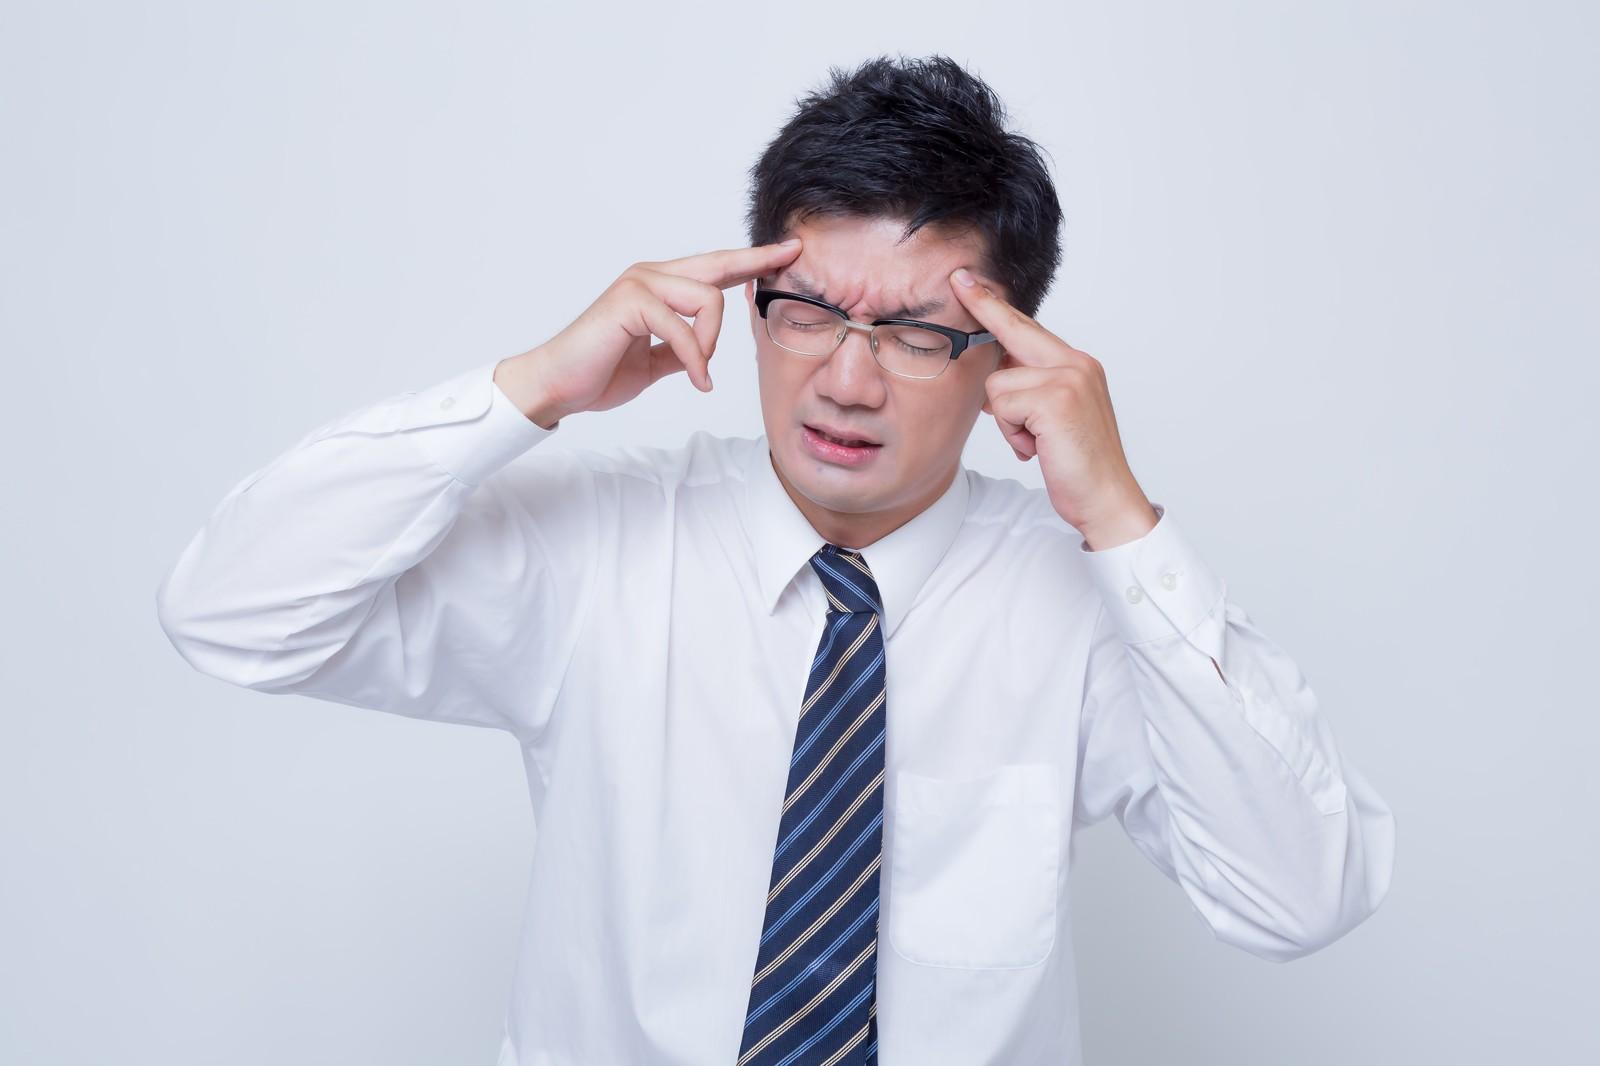 頭痛が消えた!あなたの頭痛の本当の原因